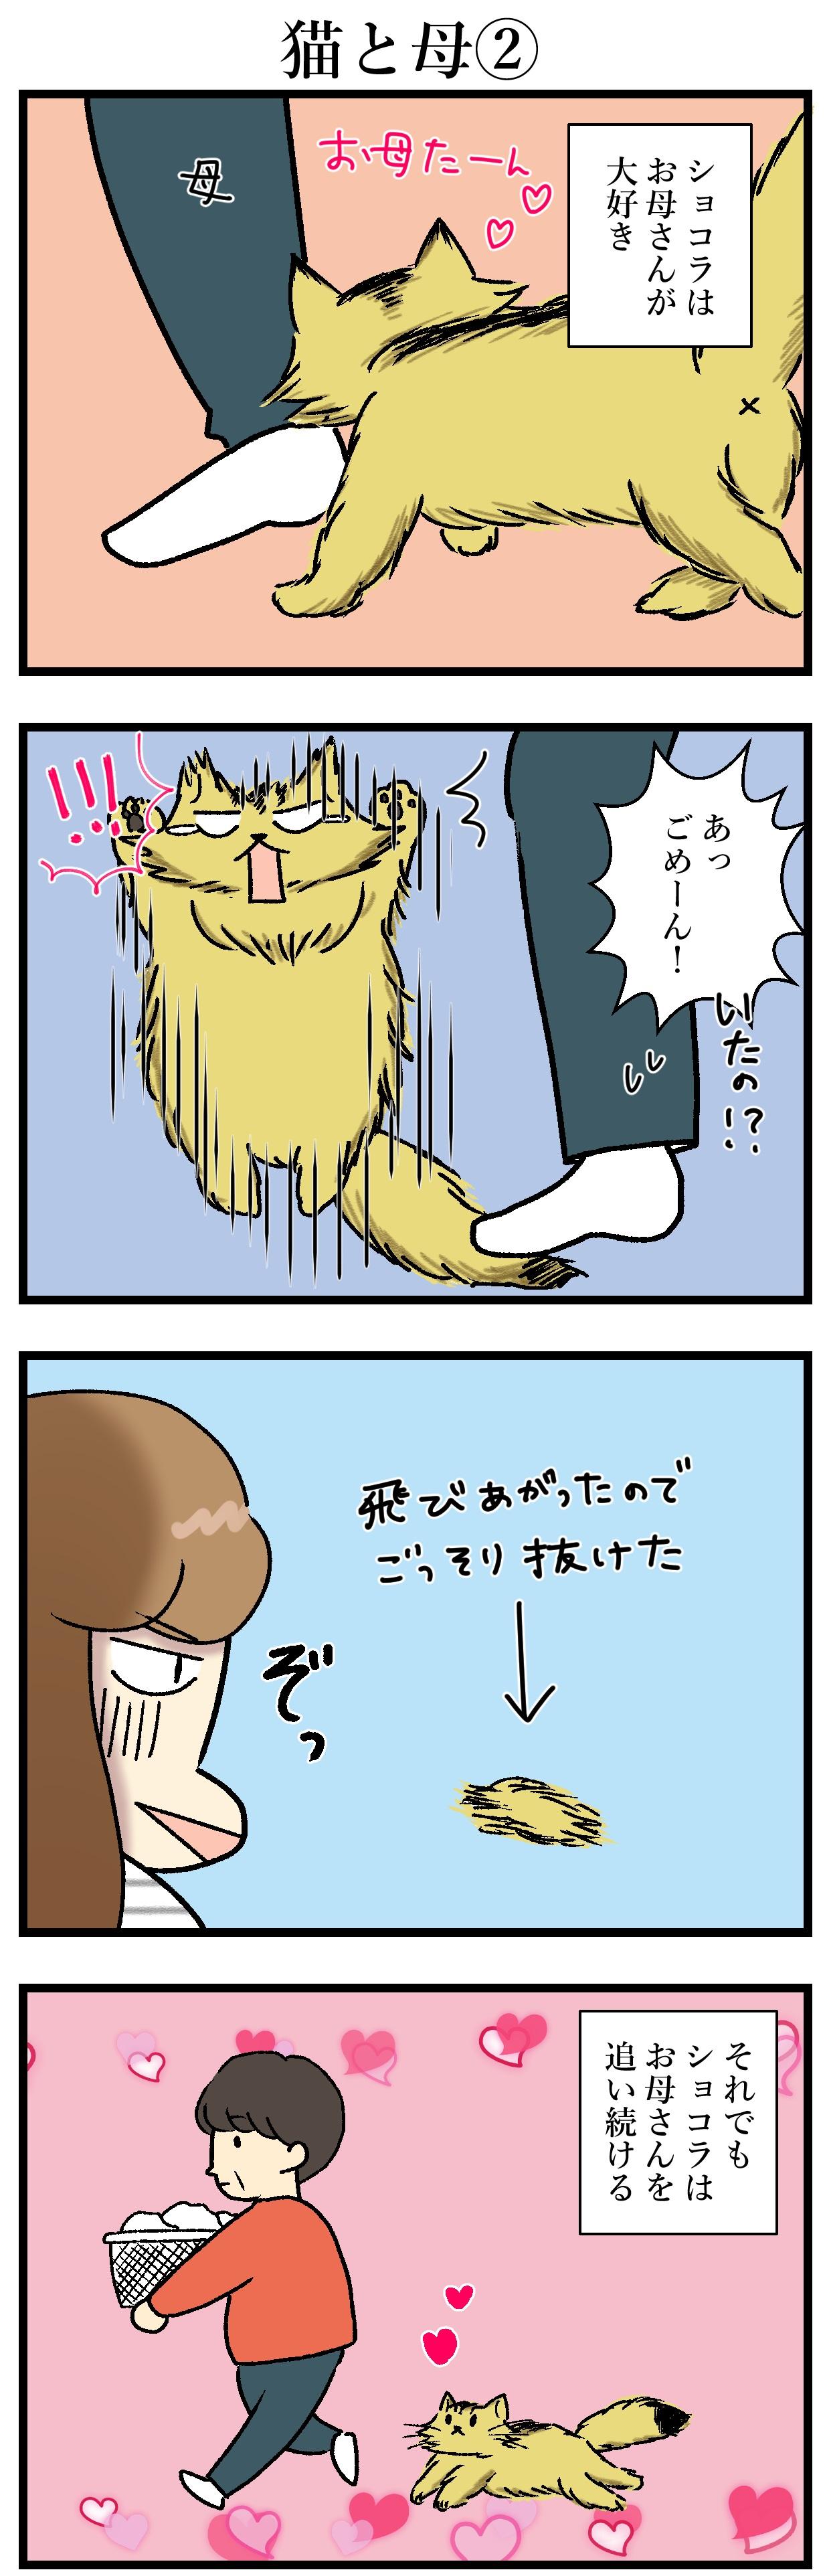 【エッセイ漫画】アラサー主婦くま子のふがいない日常(73)